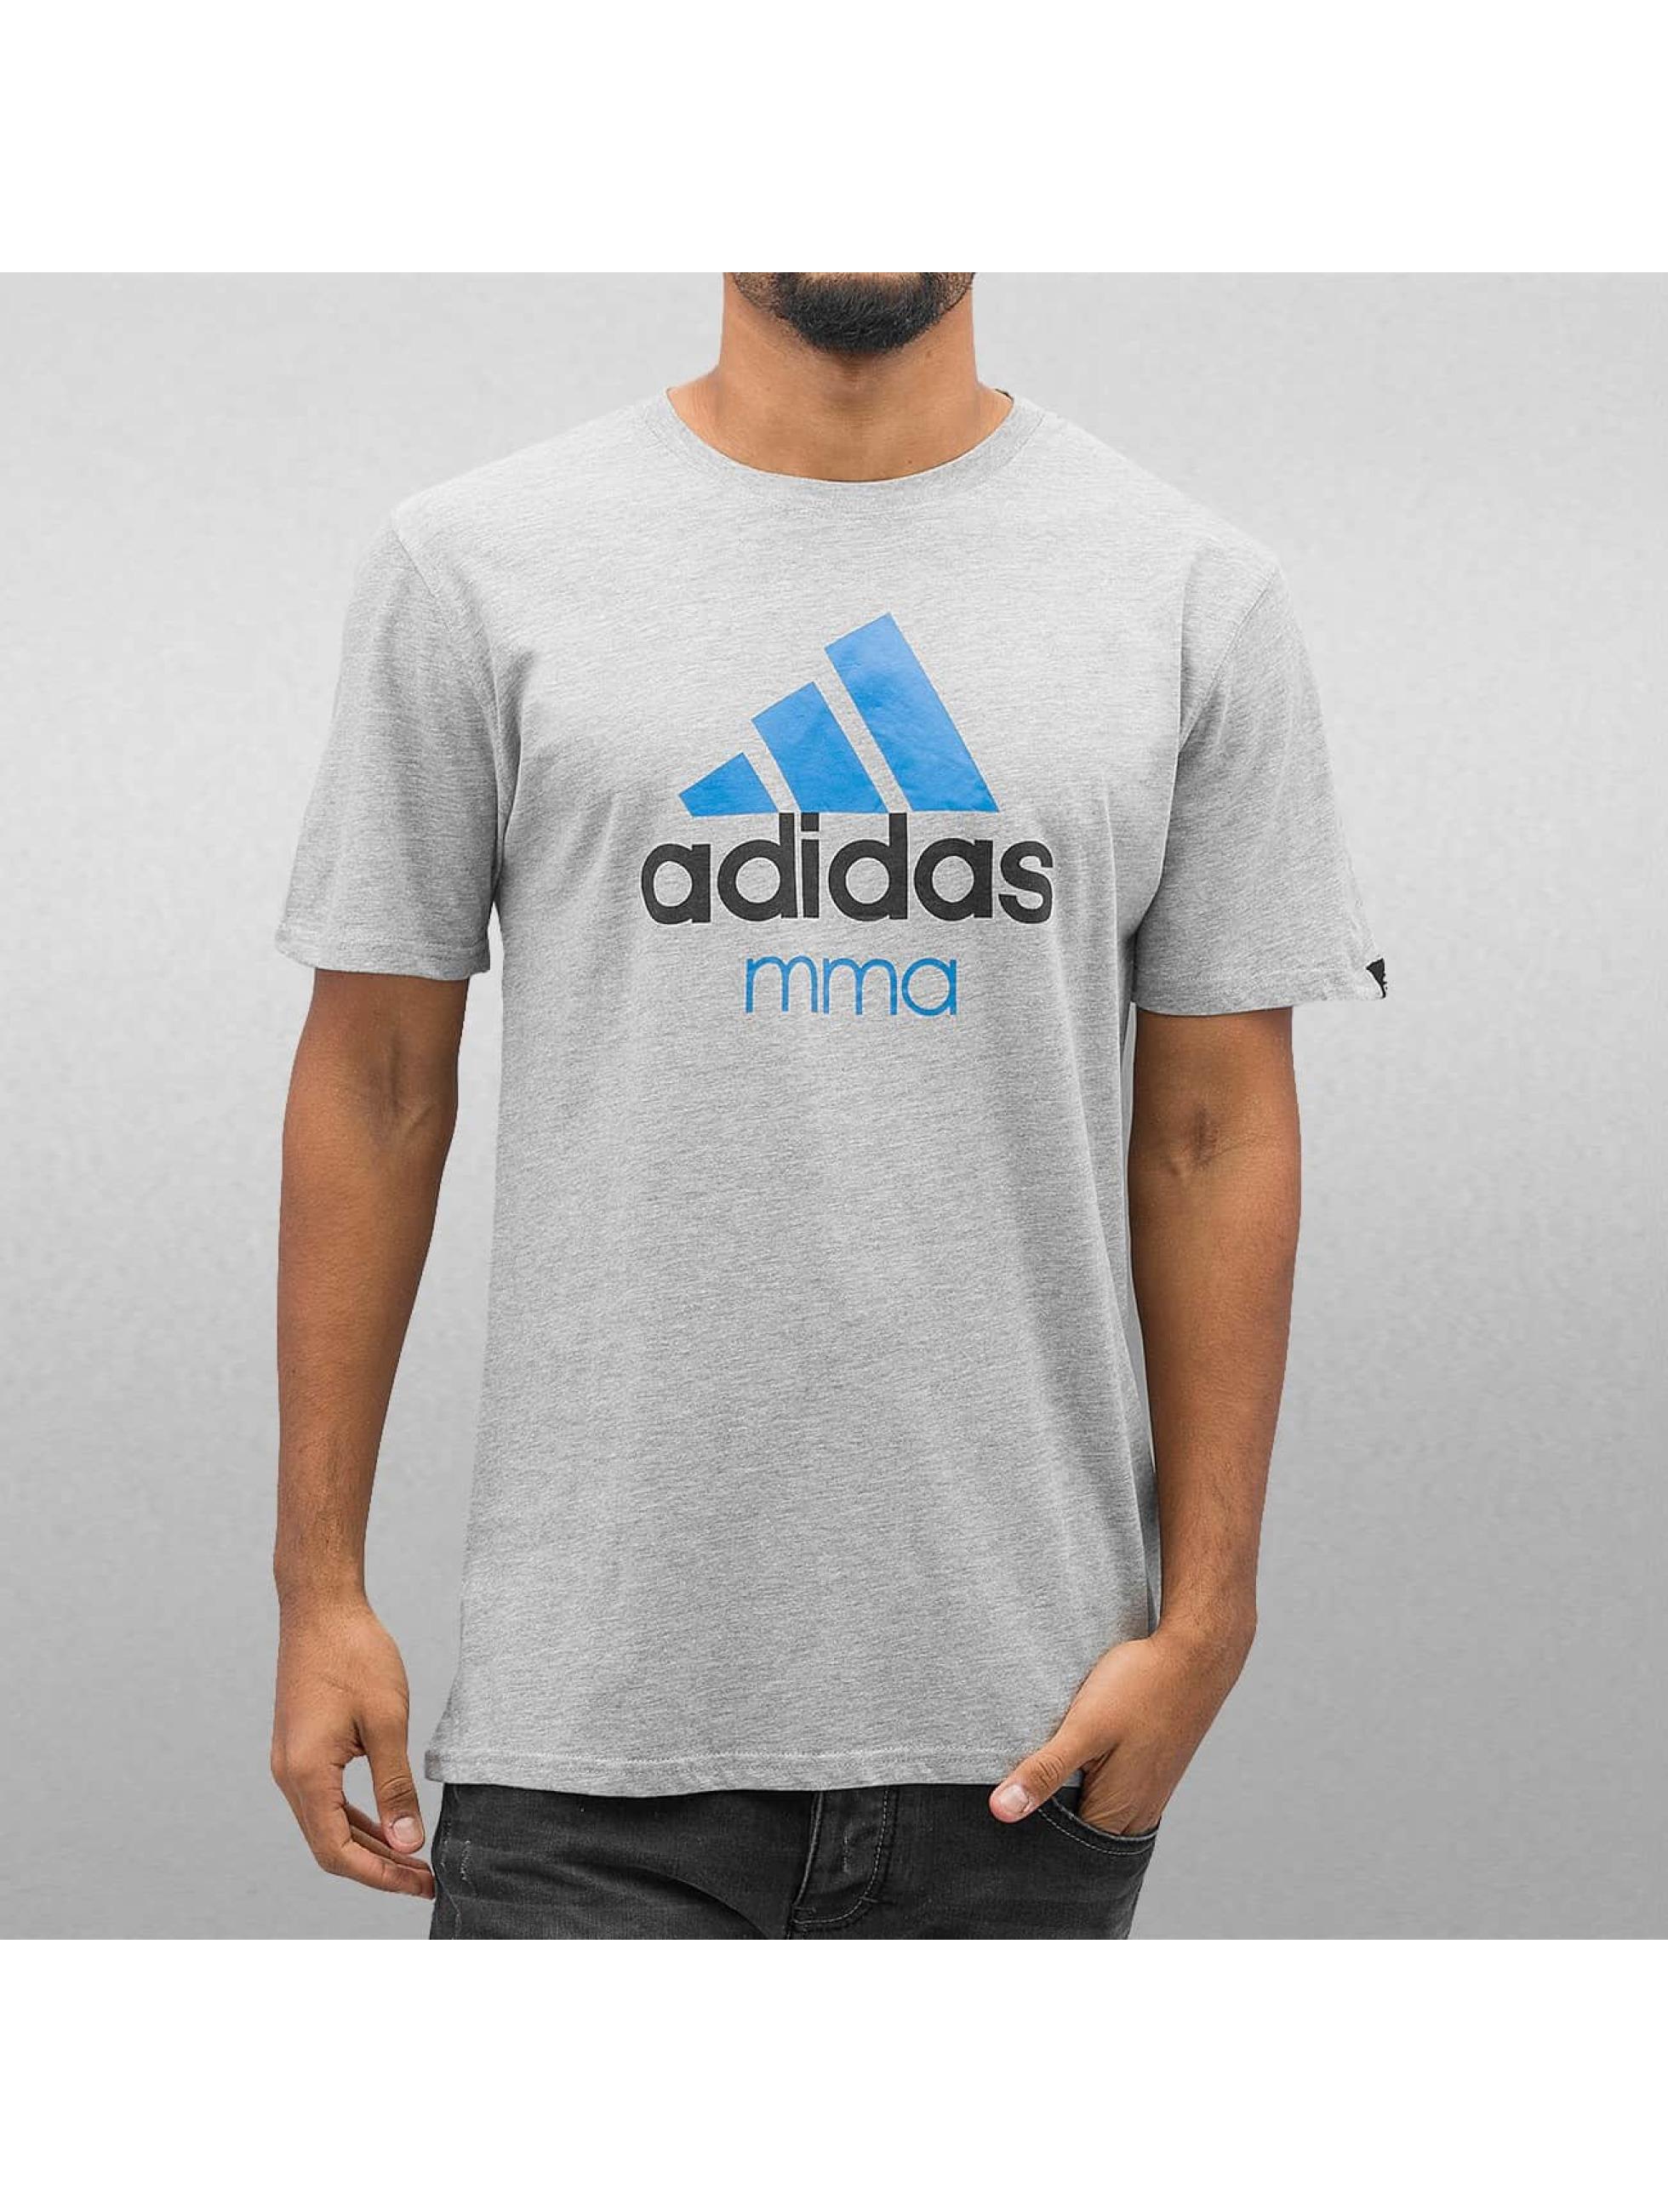 Greysolar Blue Boxing Mma Shirt T Community Adidas 7wXSBqxB